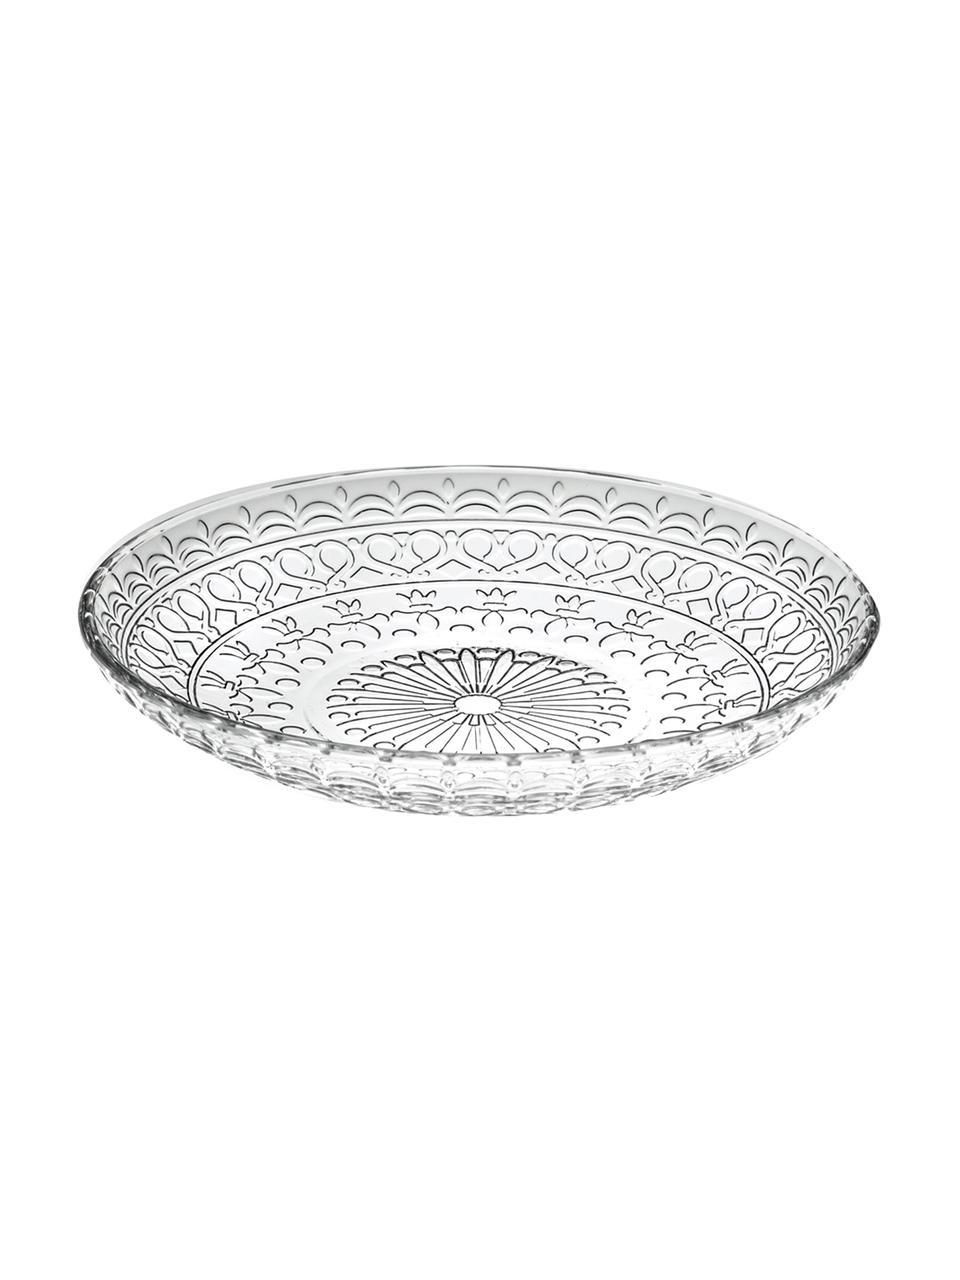 Piattino da dessert in cristallo Frutta 4 pz, Cristallo Luxion, Trasparente, Ø 18 cm